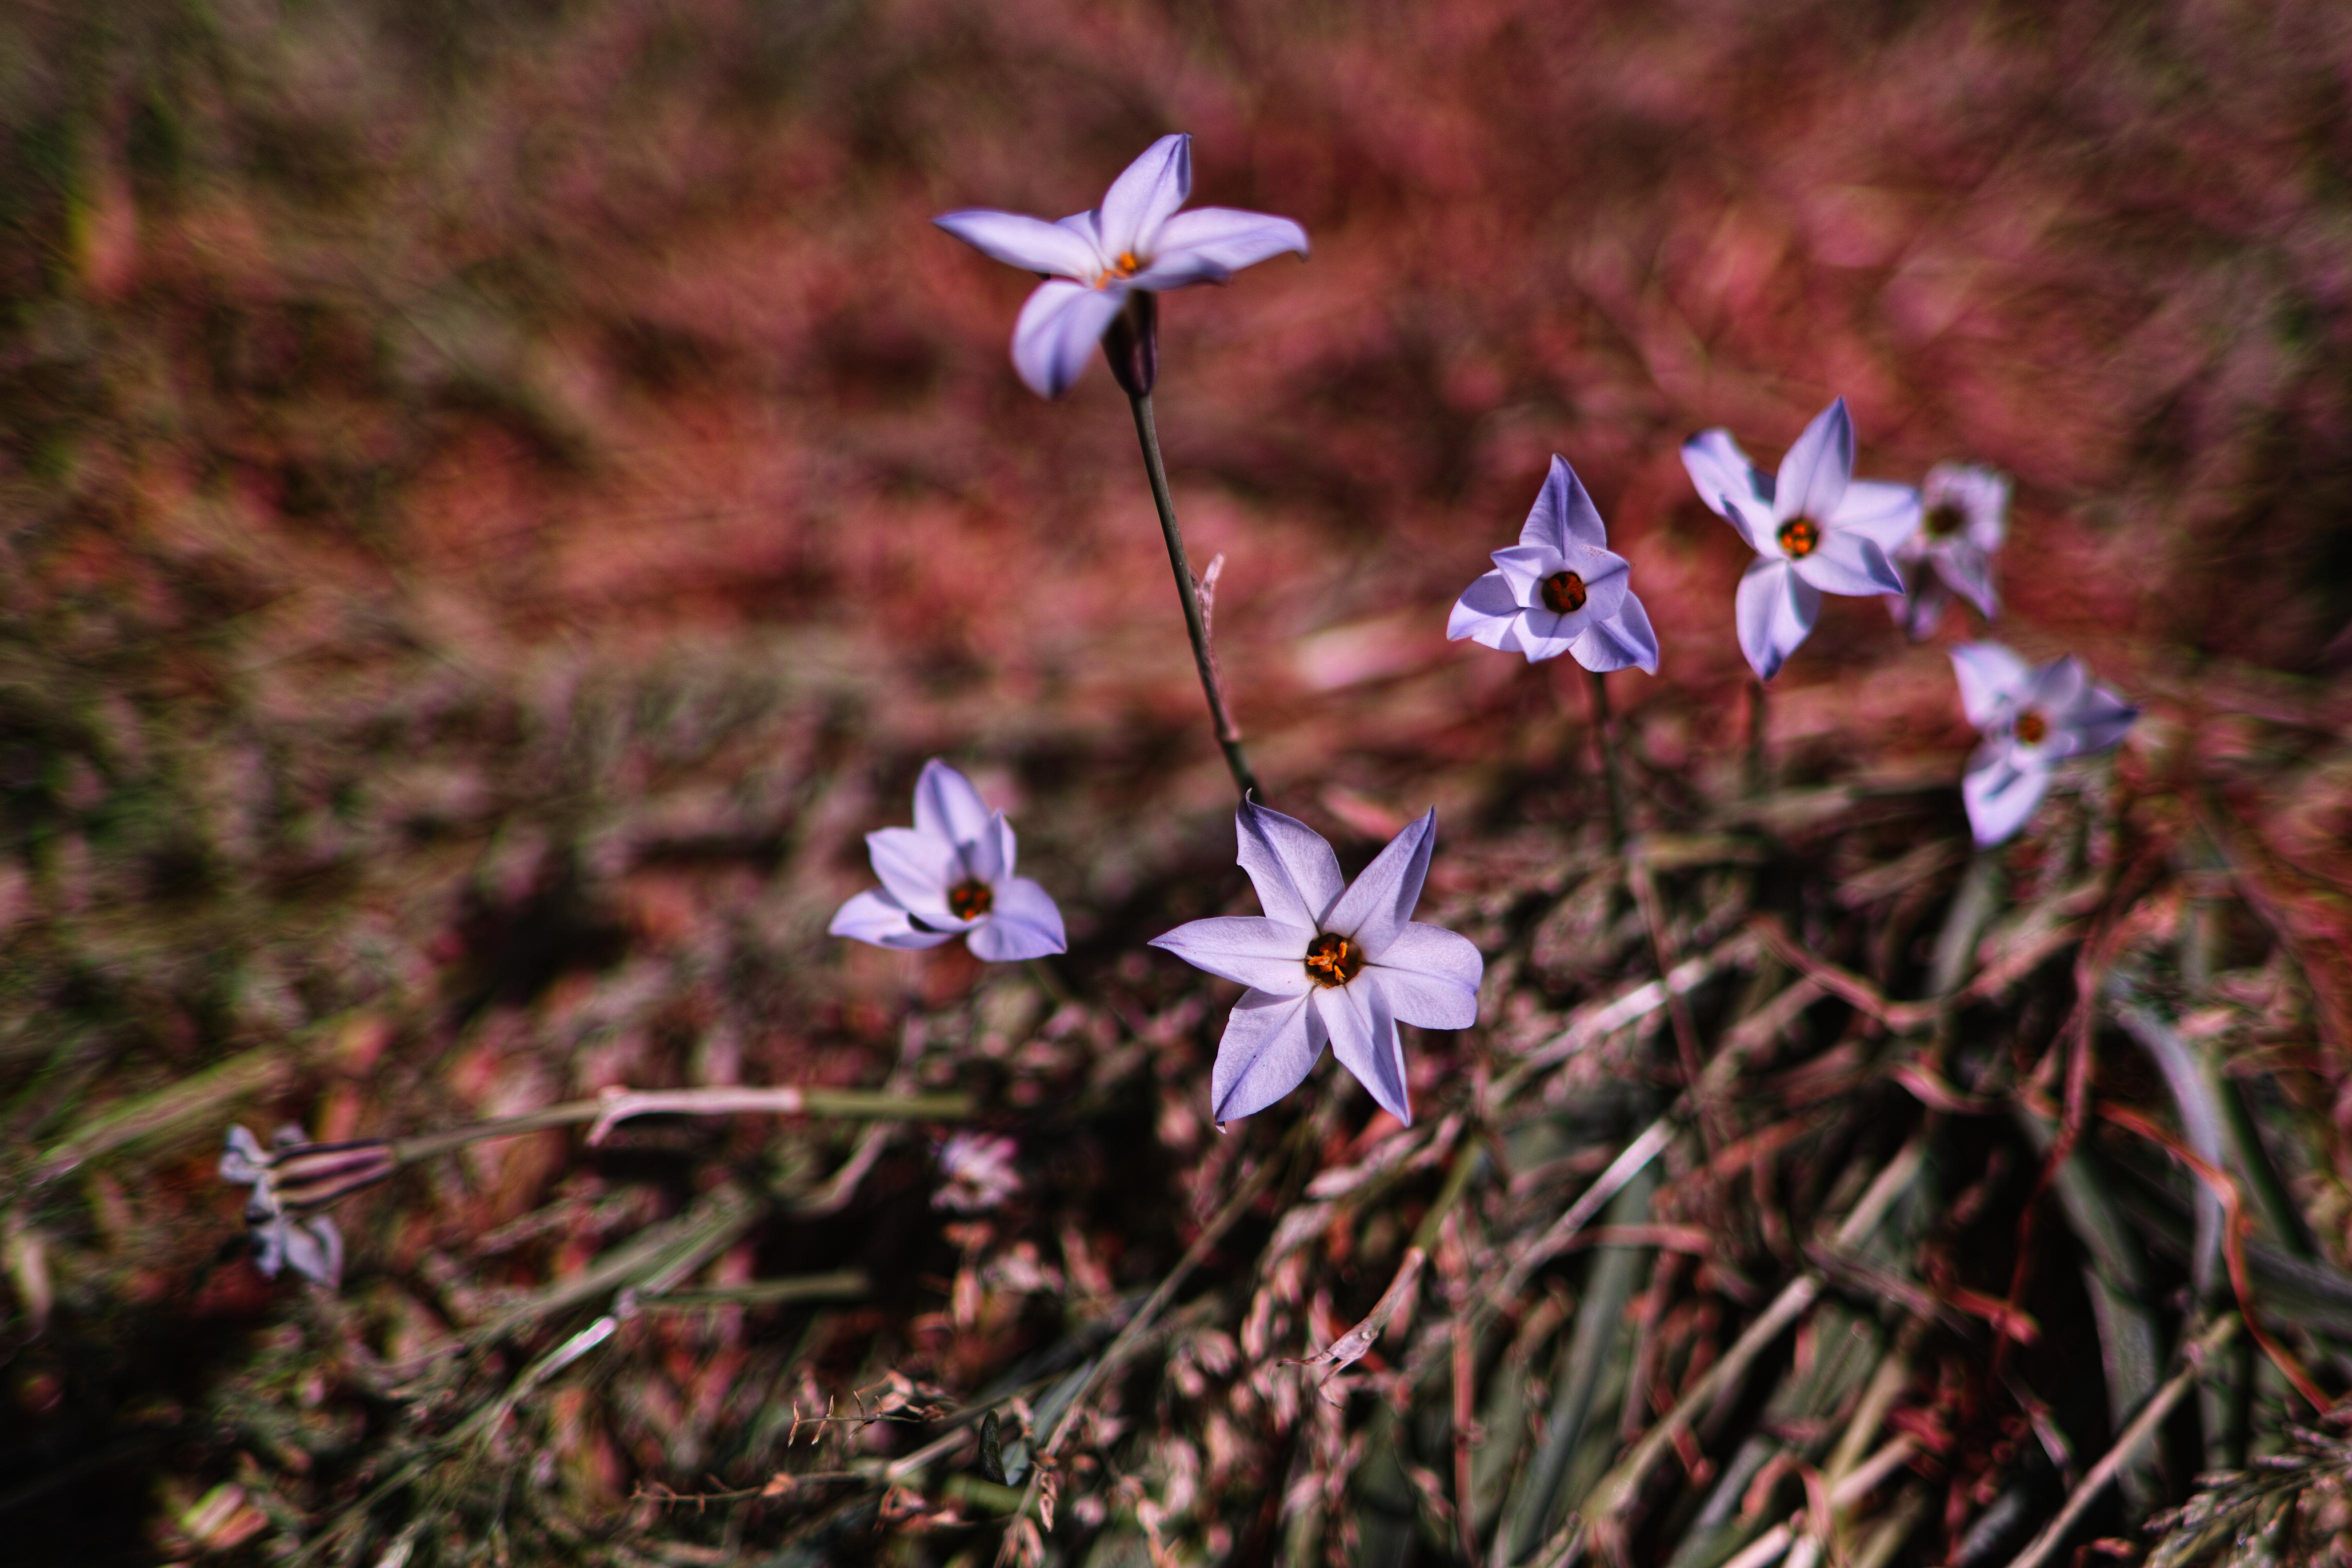 156359 скачать обои Цветы, Фиолетовый, Весна, Растения - заставки и картинки бесплатно